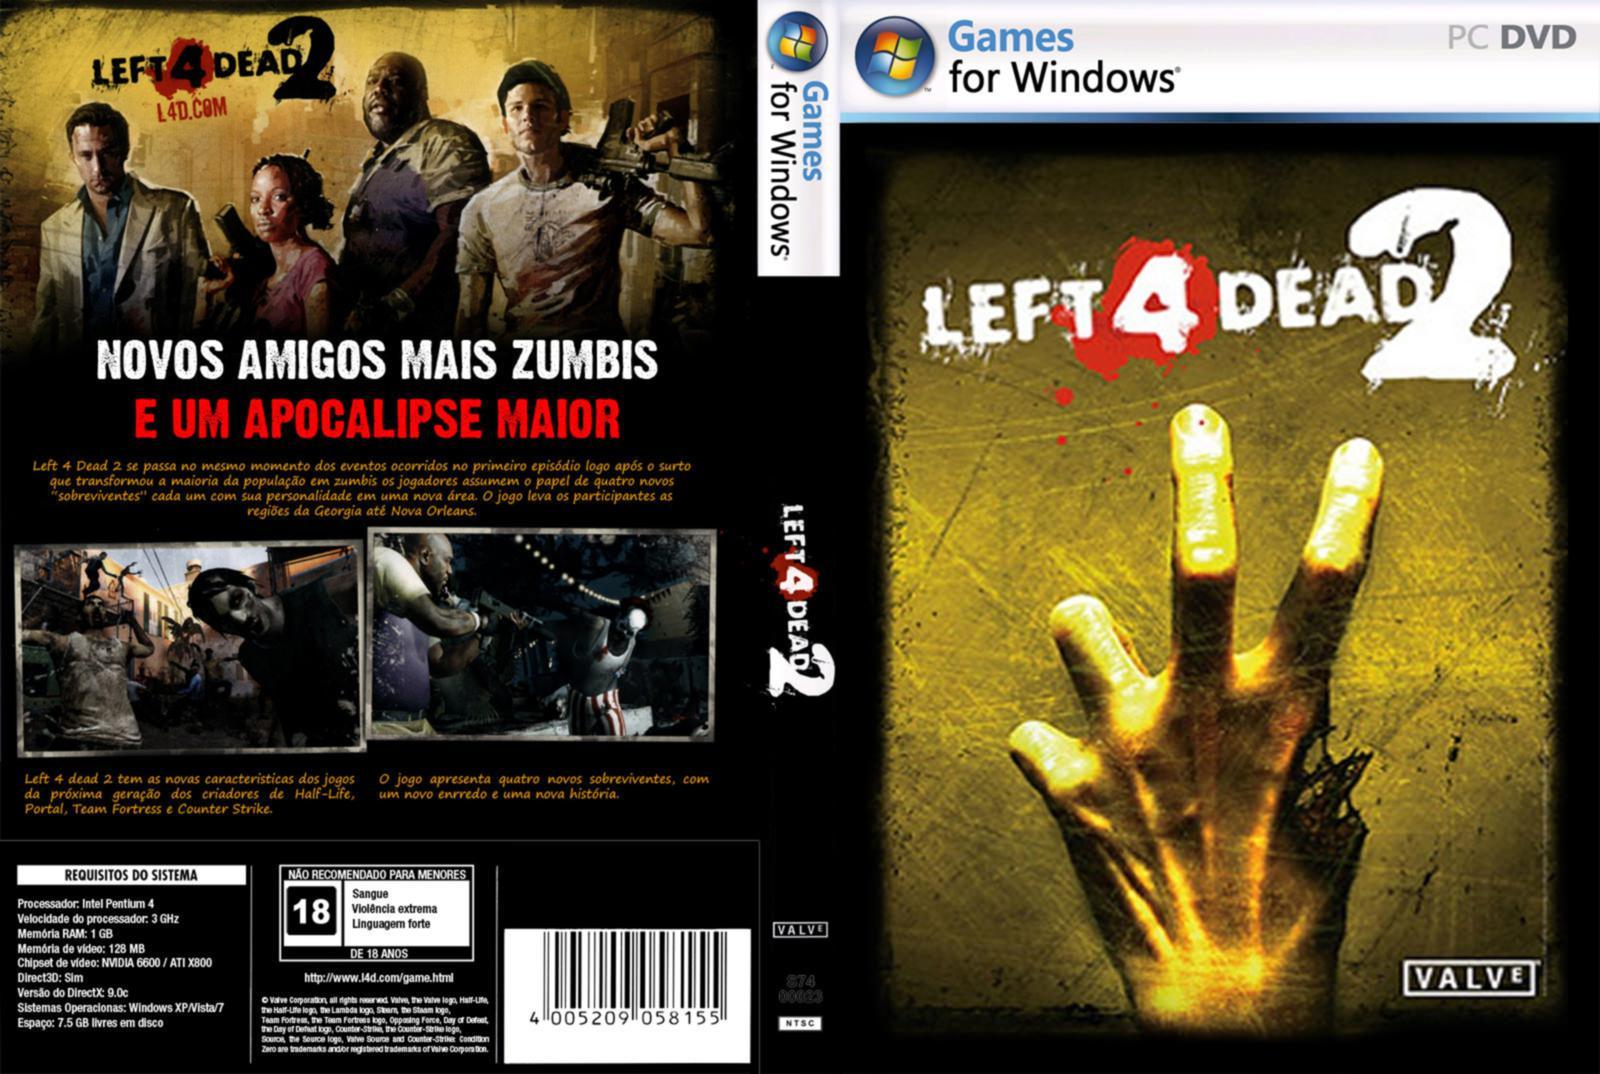 Ocean Gamers Mf Left 4 Dead 2 Direct Links